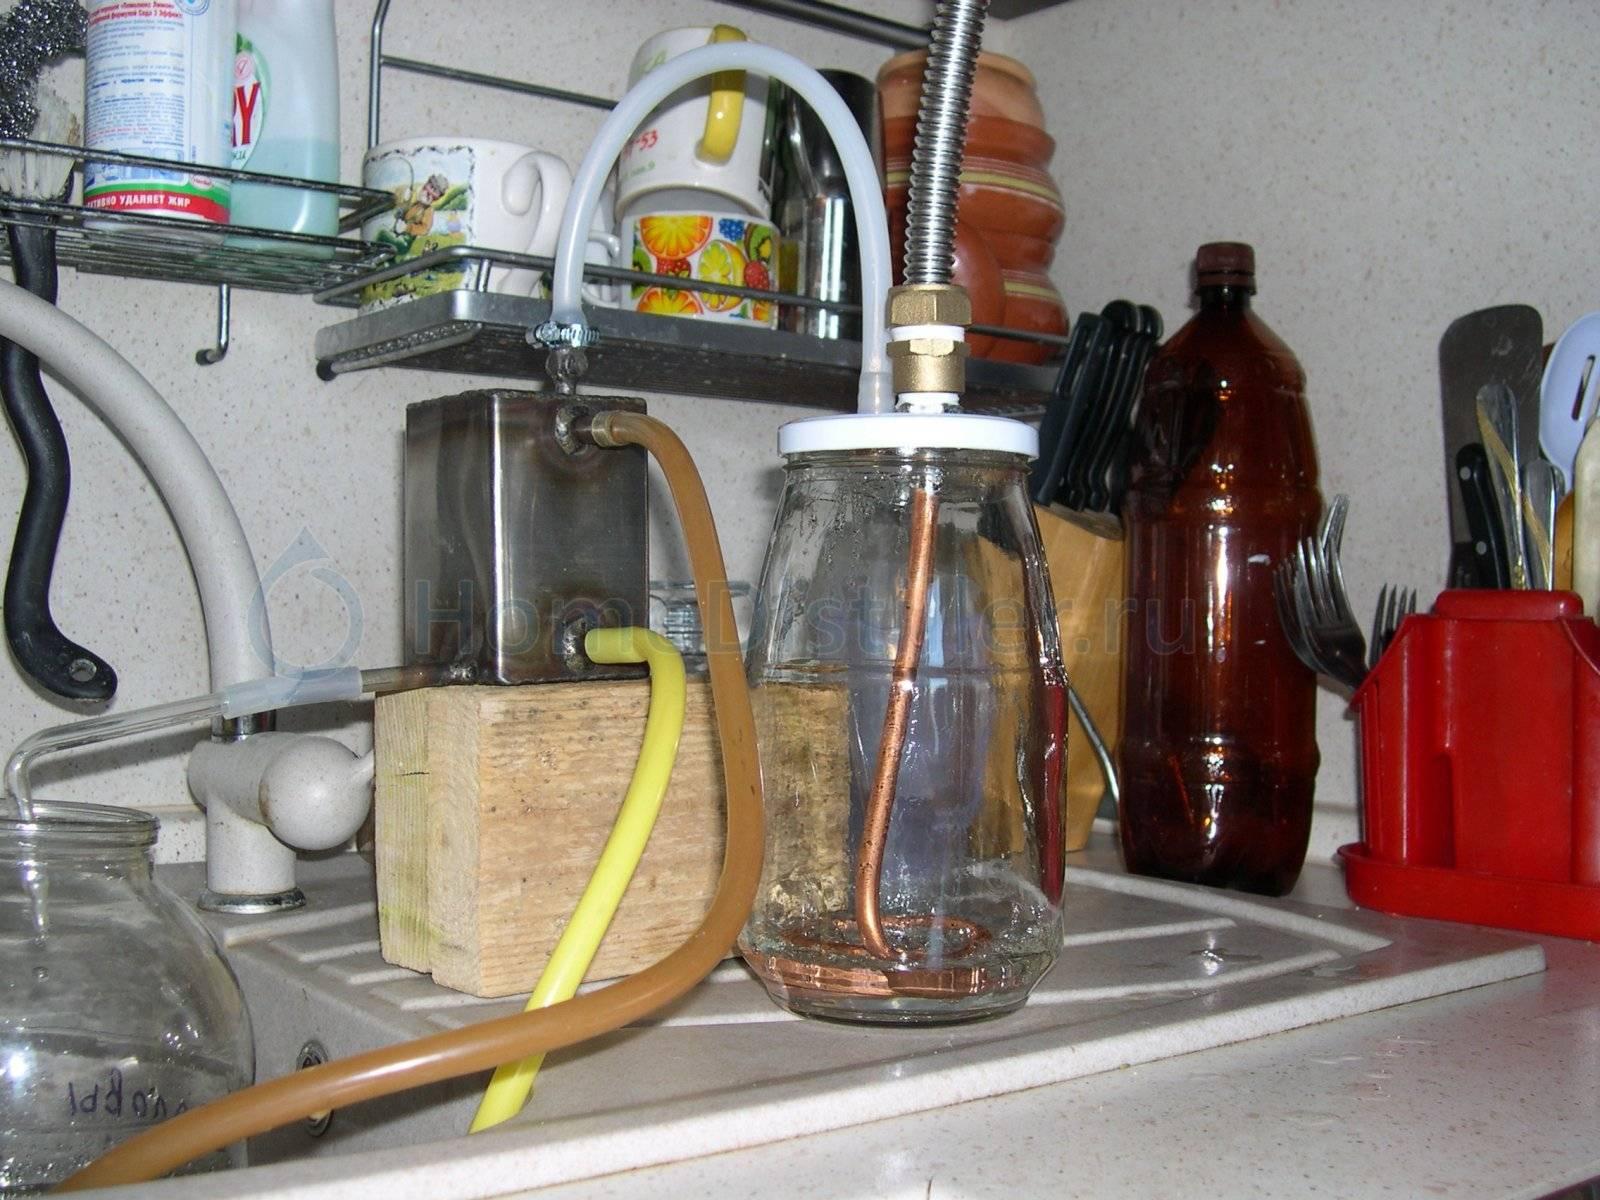 Дробная перегонка спирта-сырца и самогона в домашних условиях: пошаговая инструкция